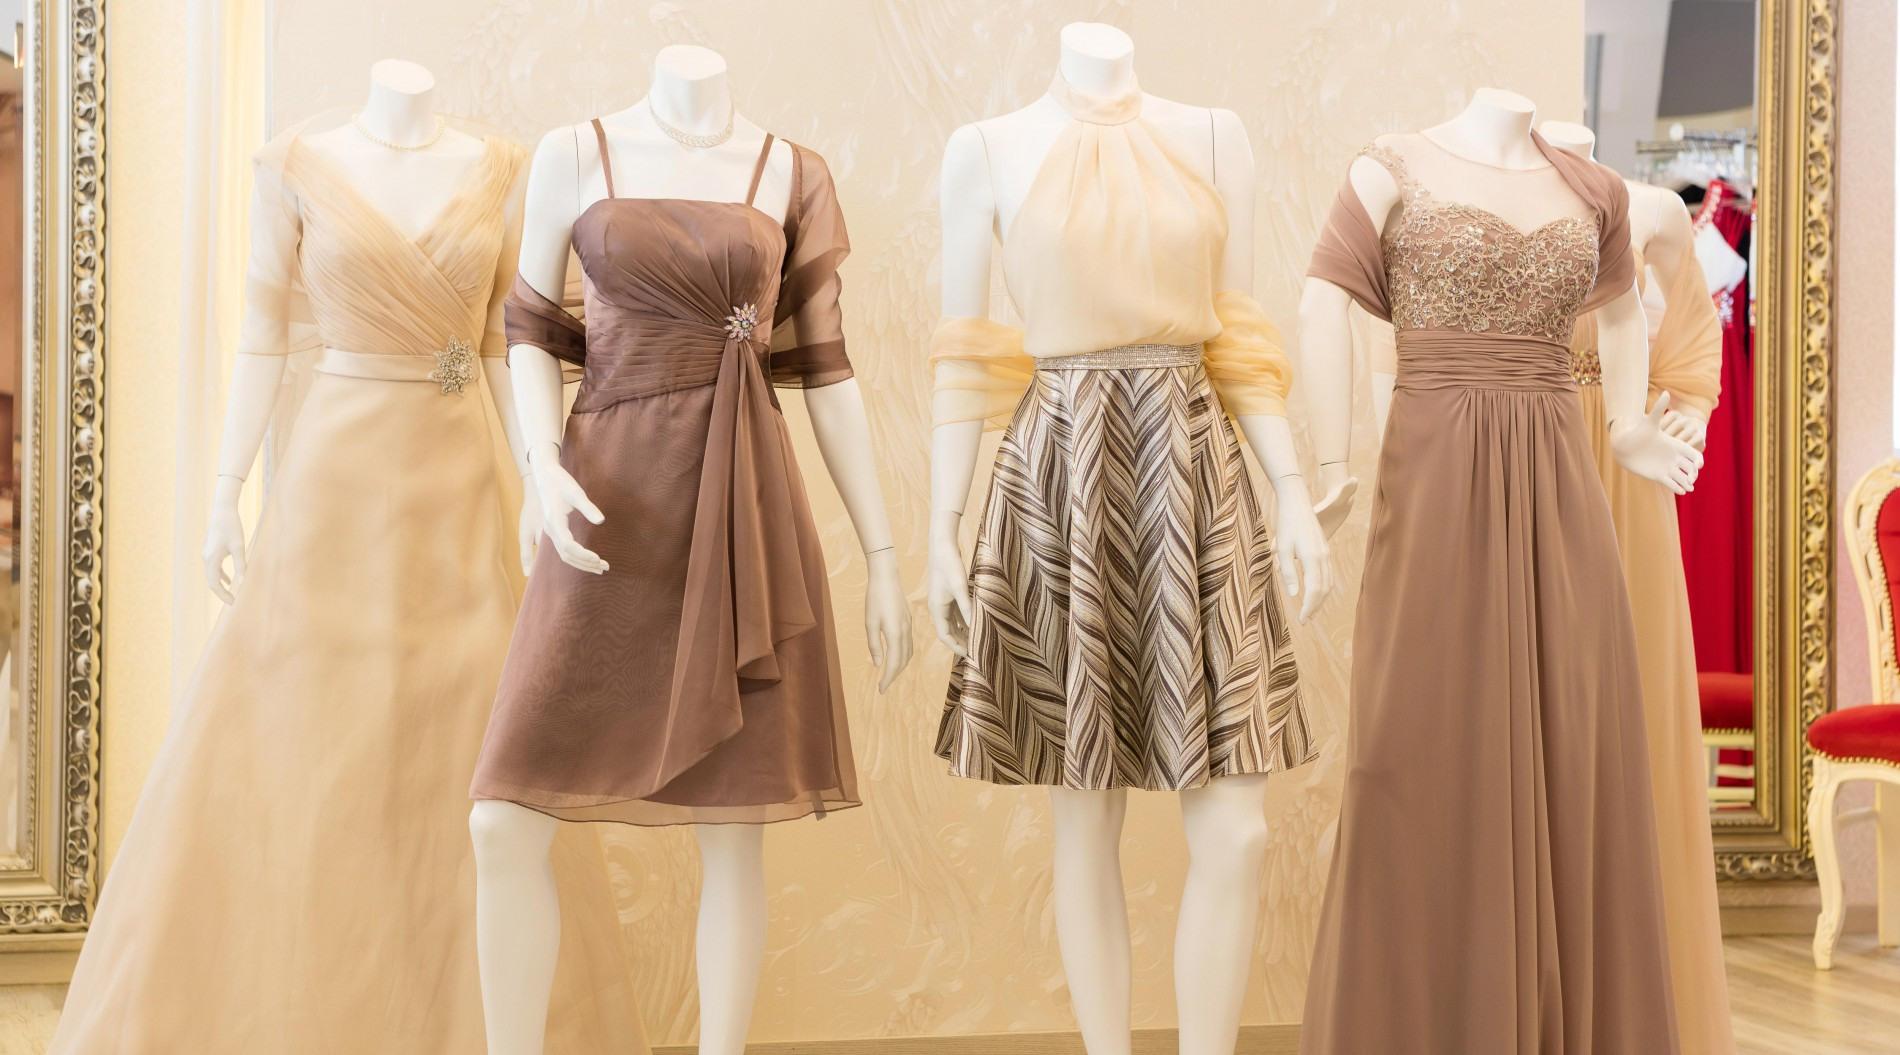 Formal Erstaunlich Abendkleider Regensburg Design15 Leicht Abendkleider Regensburg Boutique